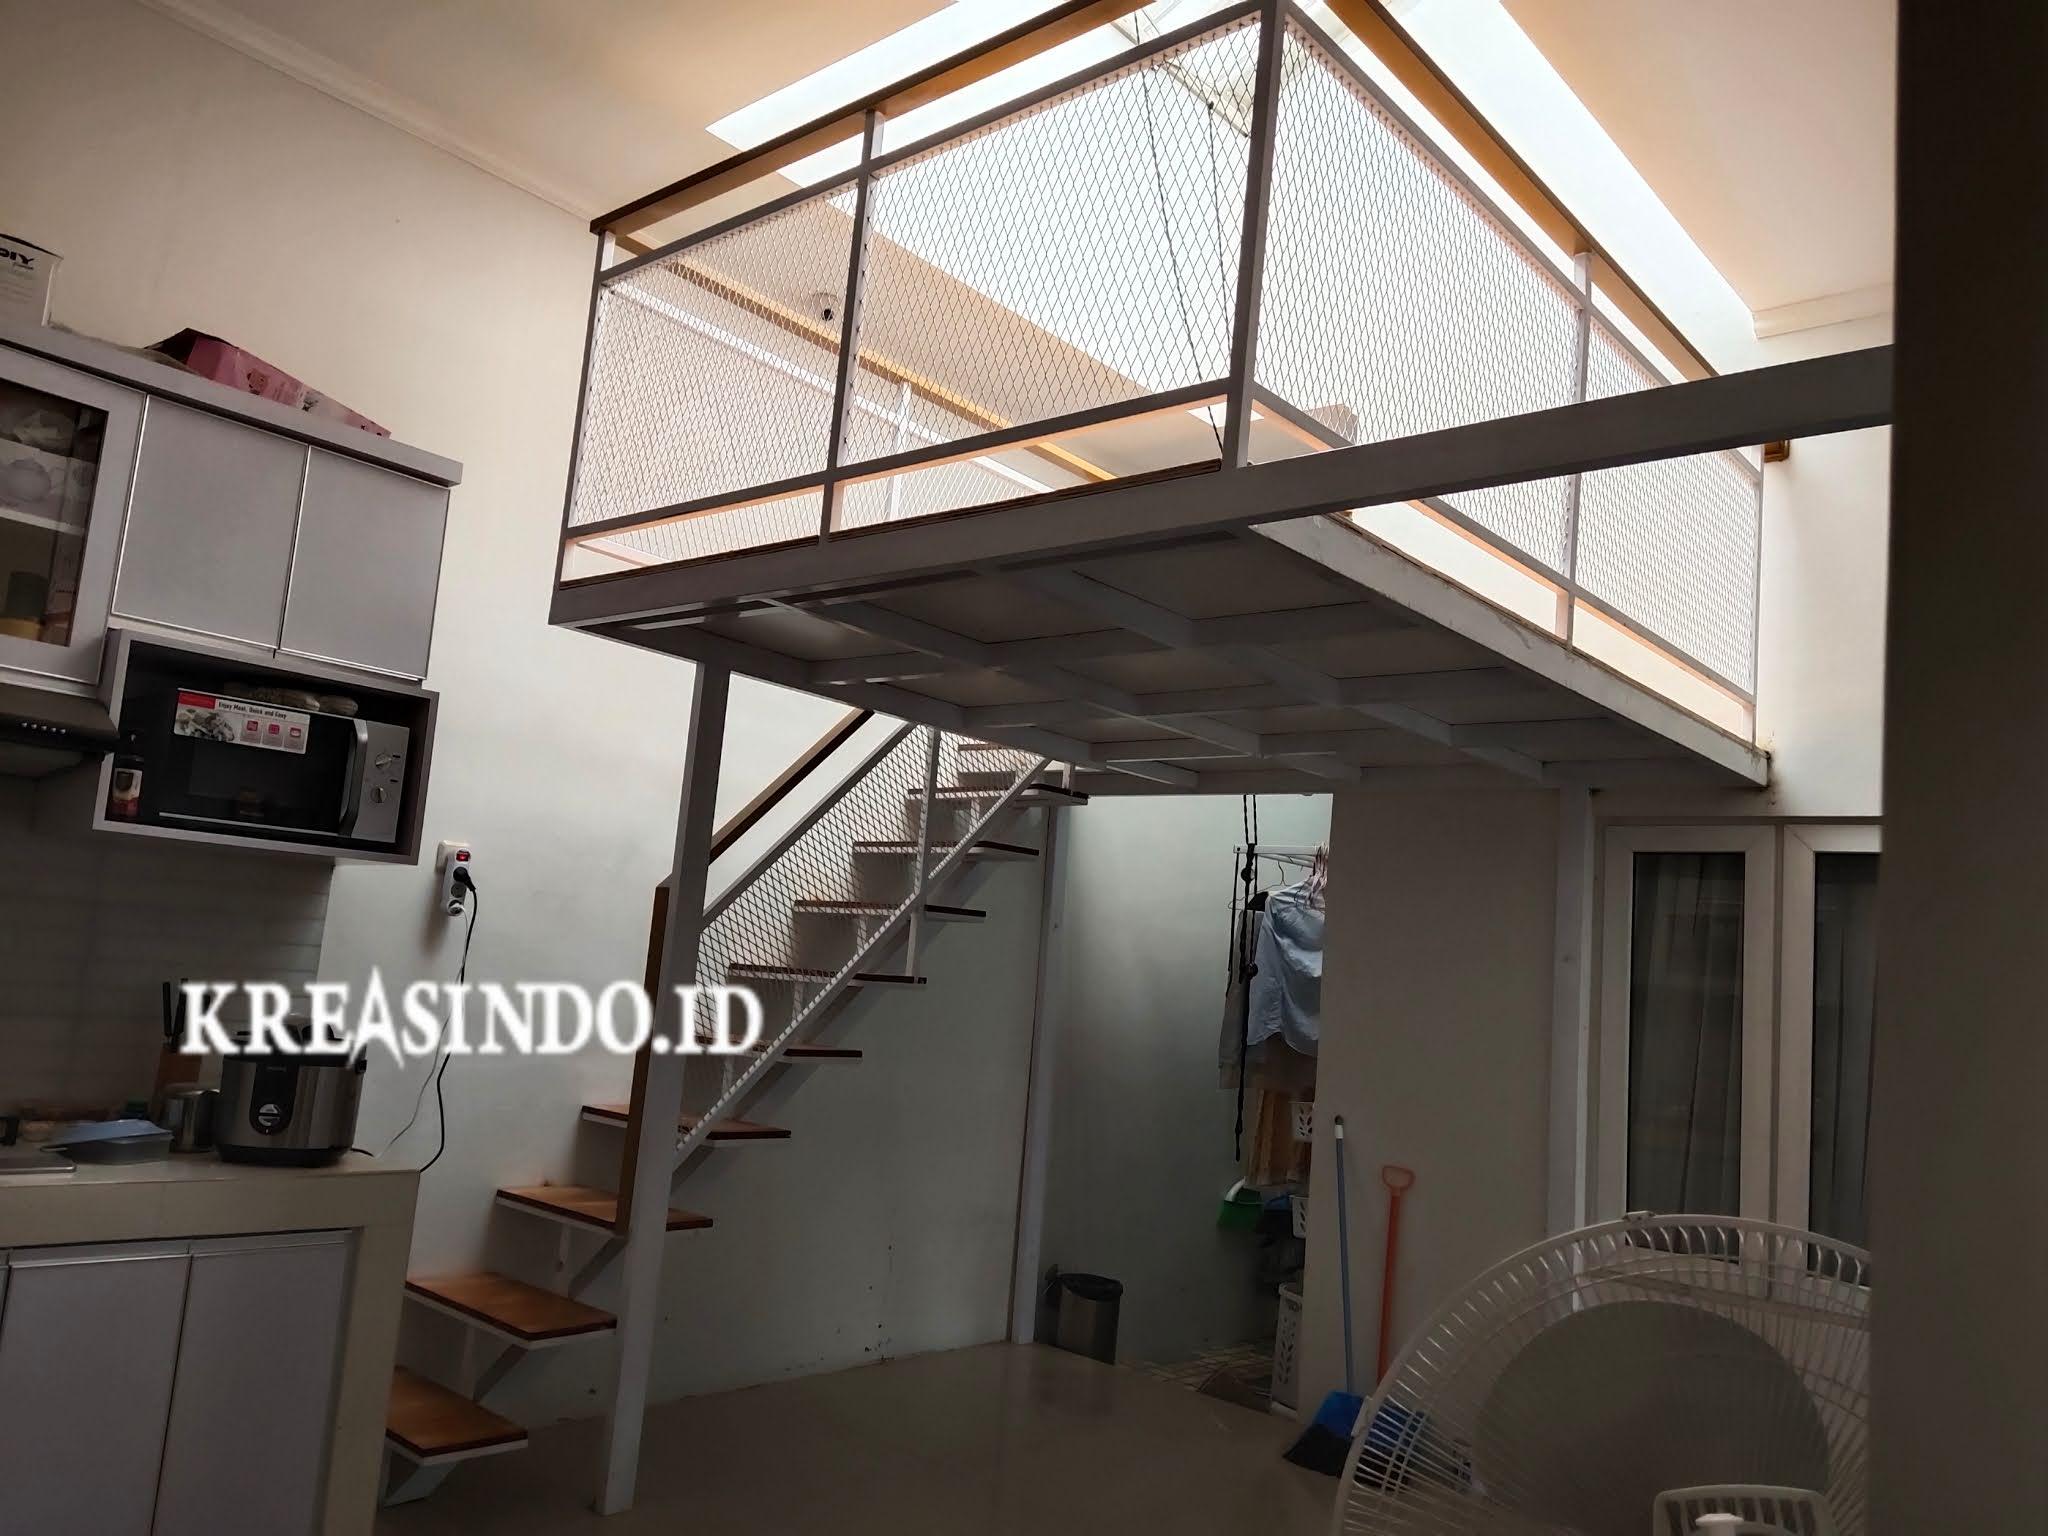 Harga Jasa Pembuatan Mezzanine dan Mezzanine Canopy Balkon [ Harga Update Februari 2021 ]